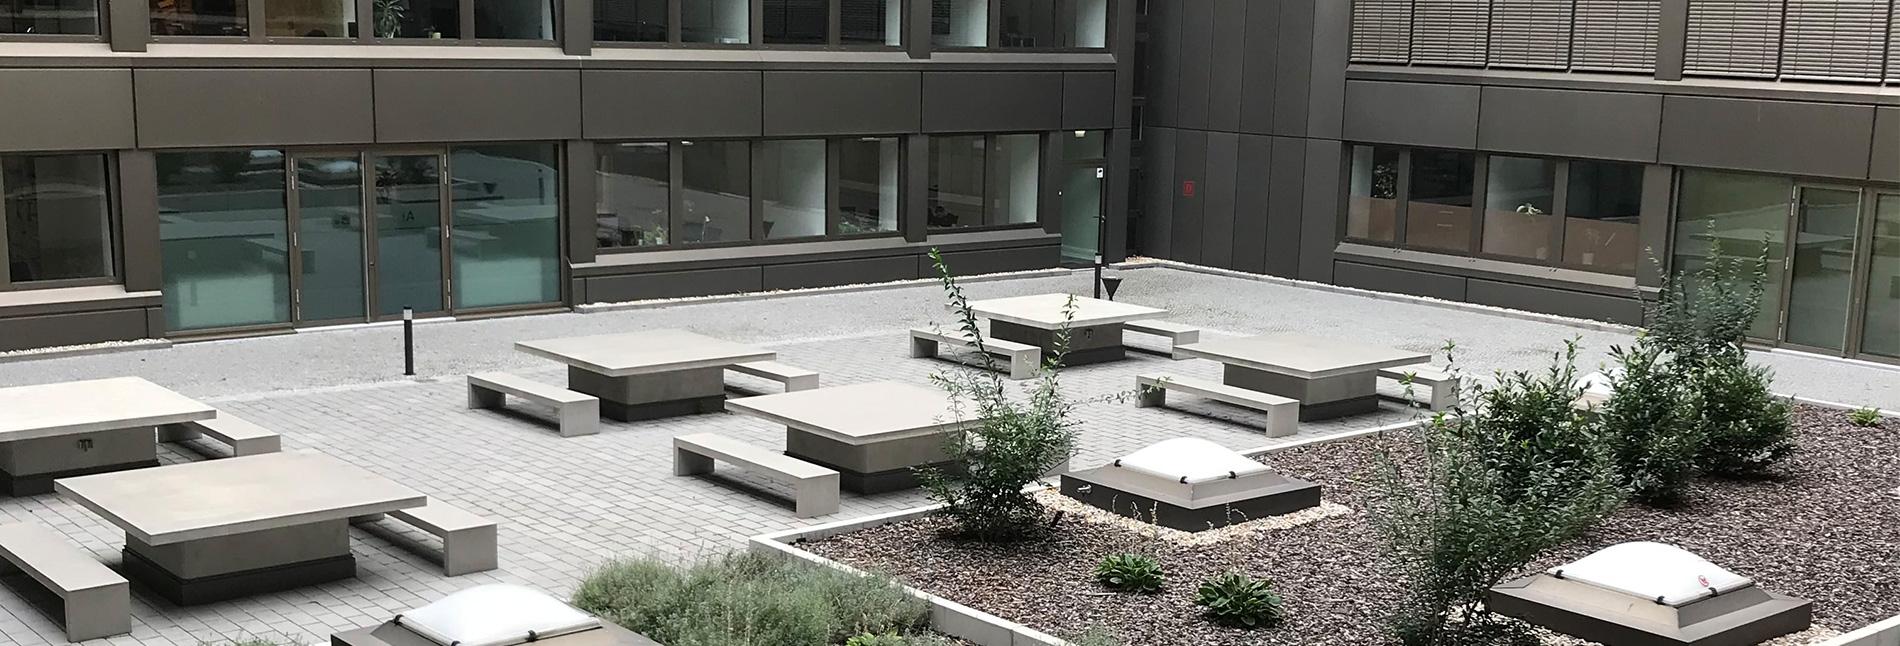 Blick auf die Terrasse des Berliner Standorts